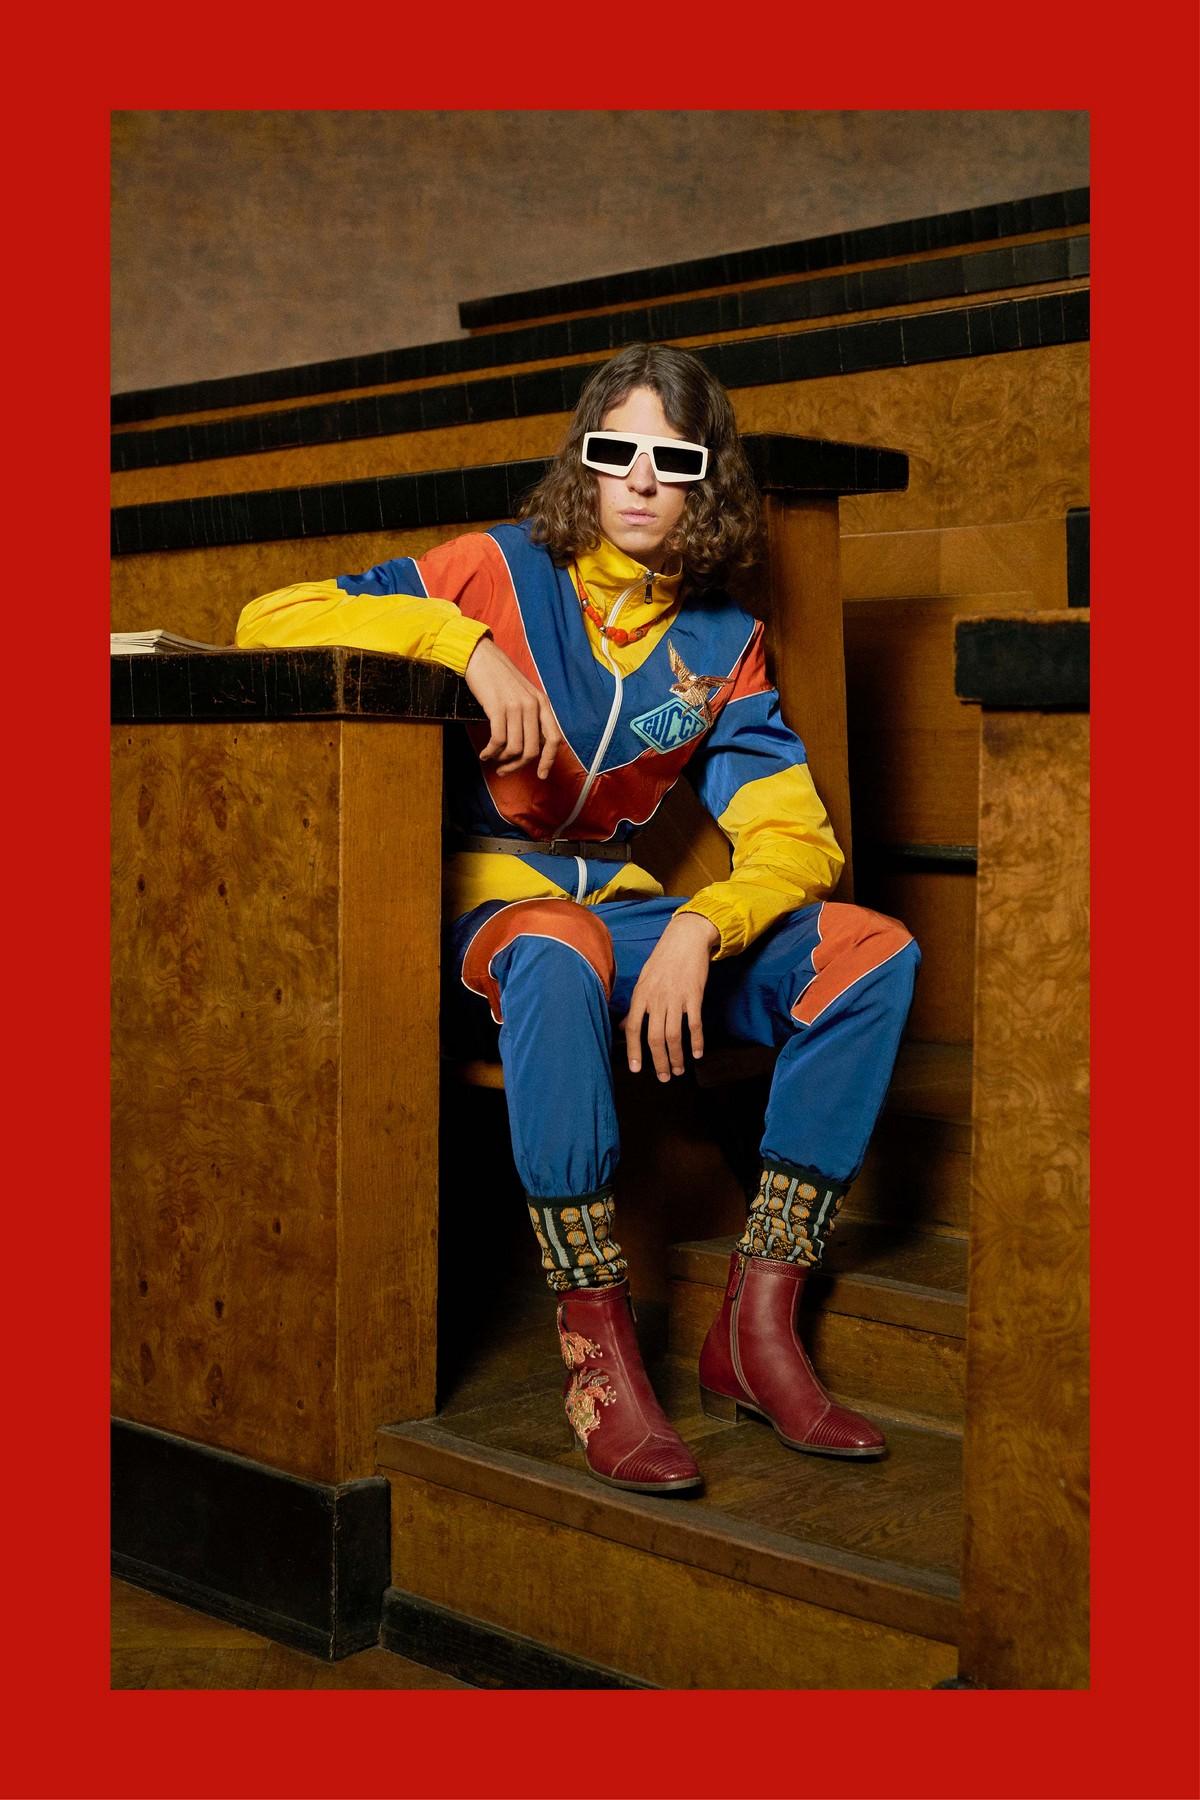 Gucci svela gli scatti della collezione uomo Prefall 2018